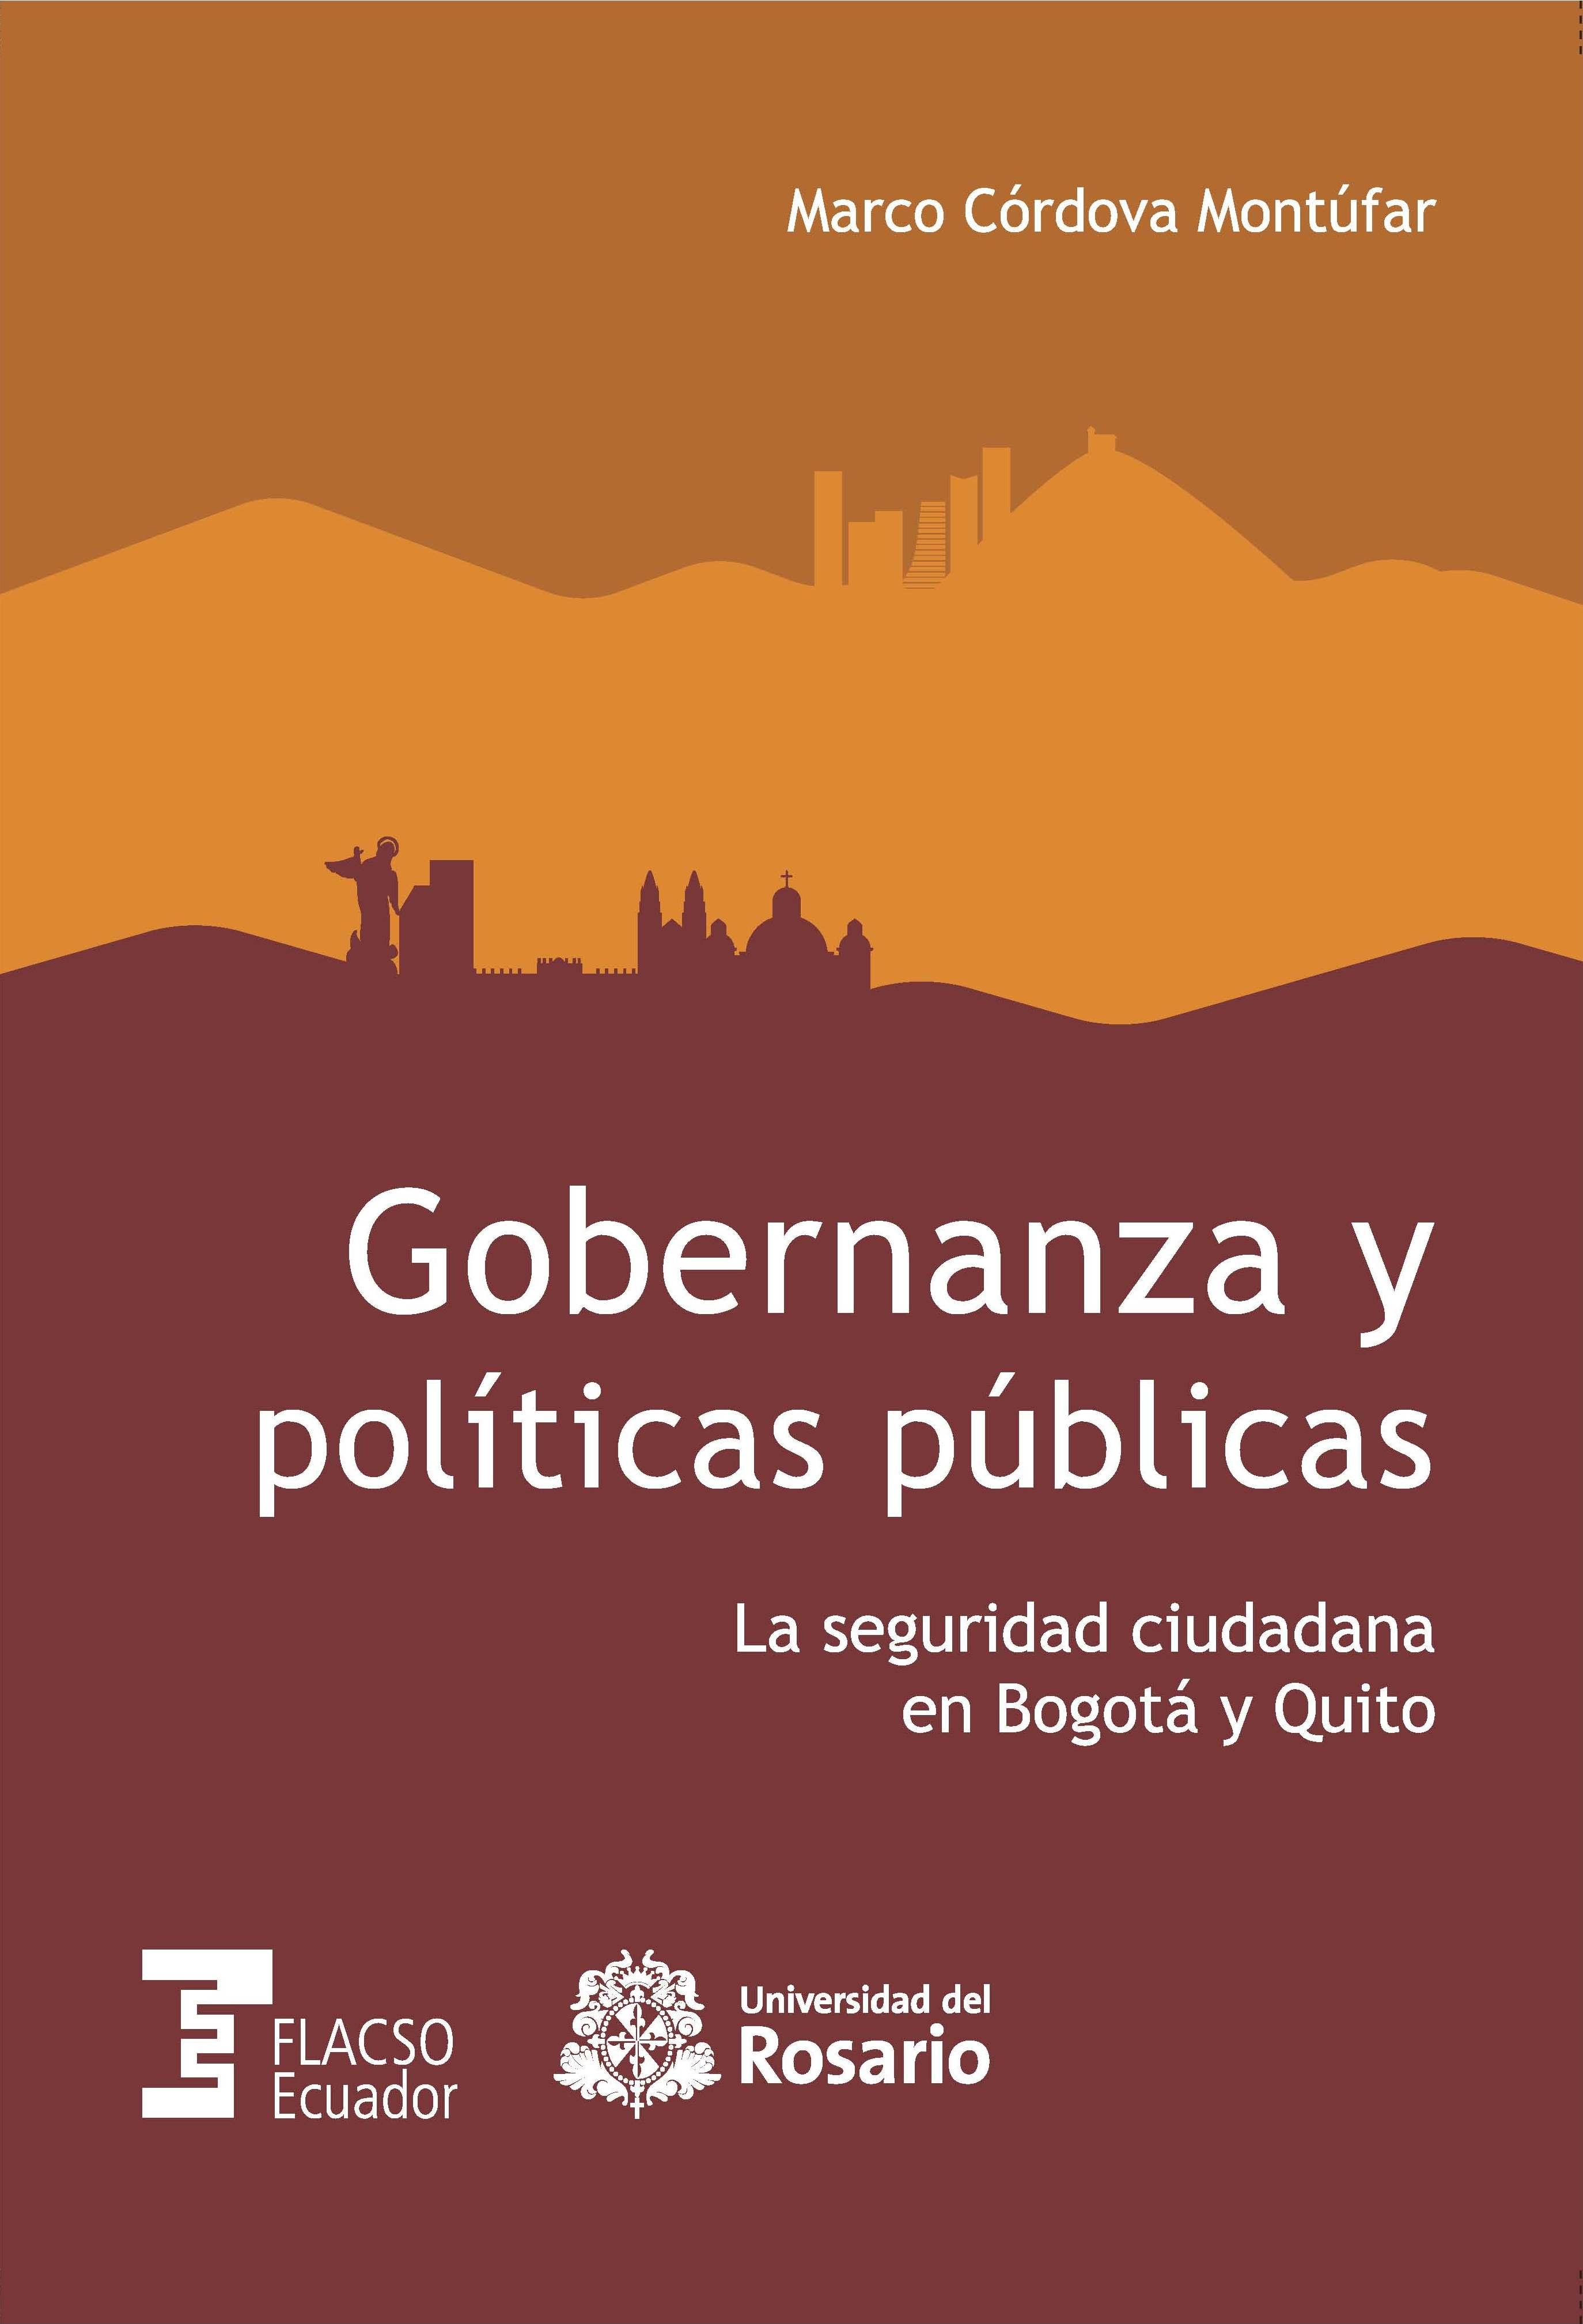 Gobernanza y políticas públicas. La seguridad ciudadana en Bogotá y Quito